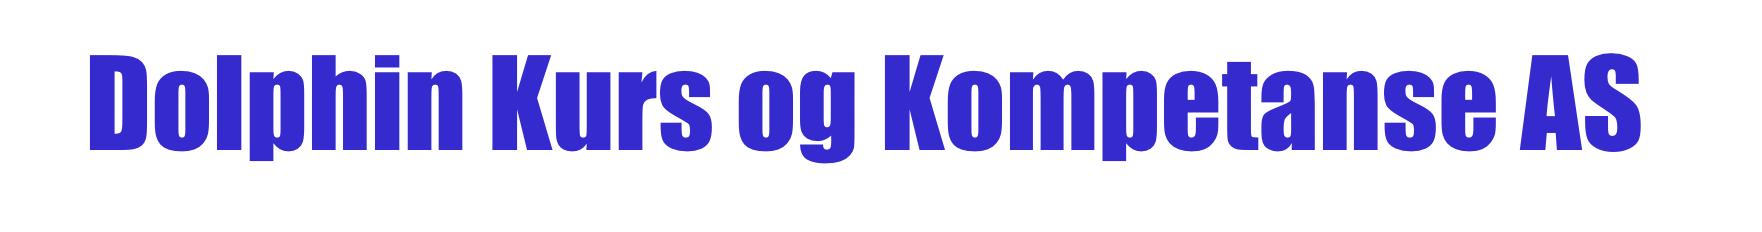 Dolphin Kurs og Kompetanse AS logo